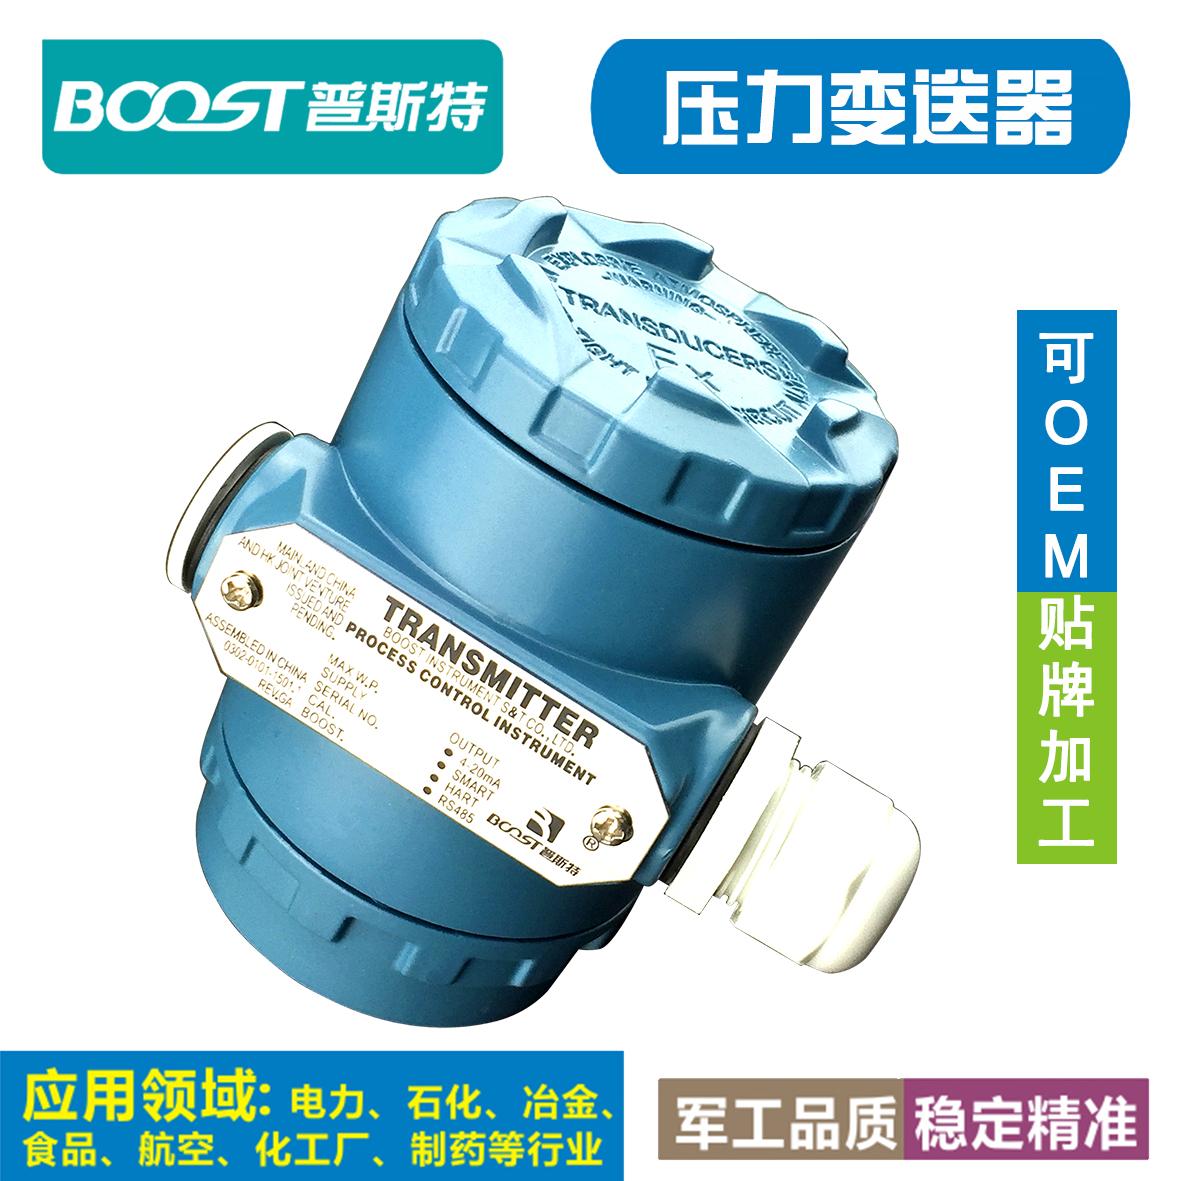 2088扩散硅智能数显气液体压力变送器传感器4-20mA防爆485MODBUS